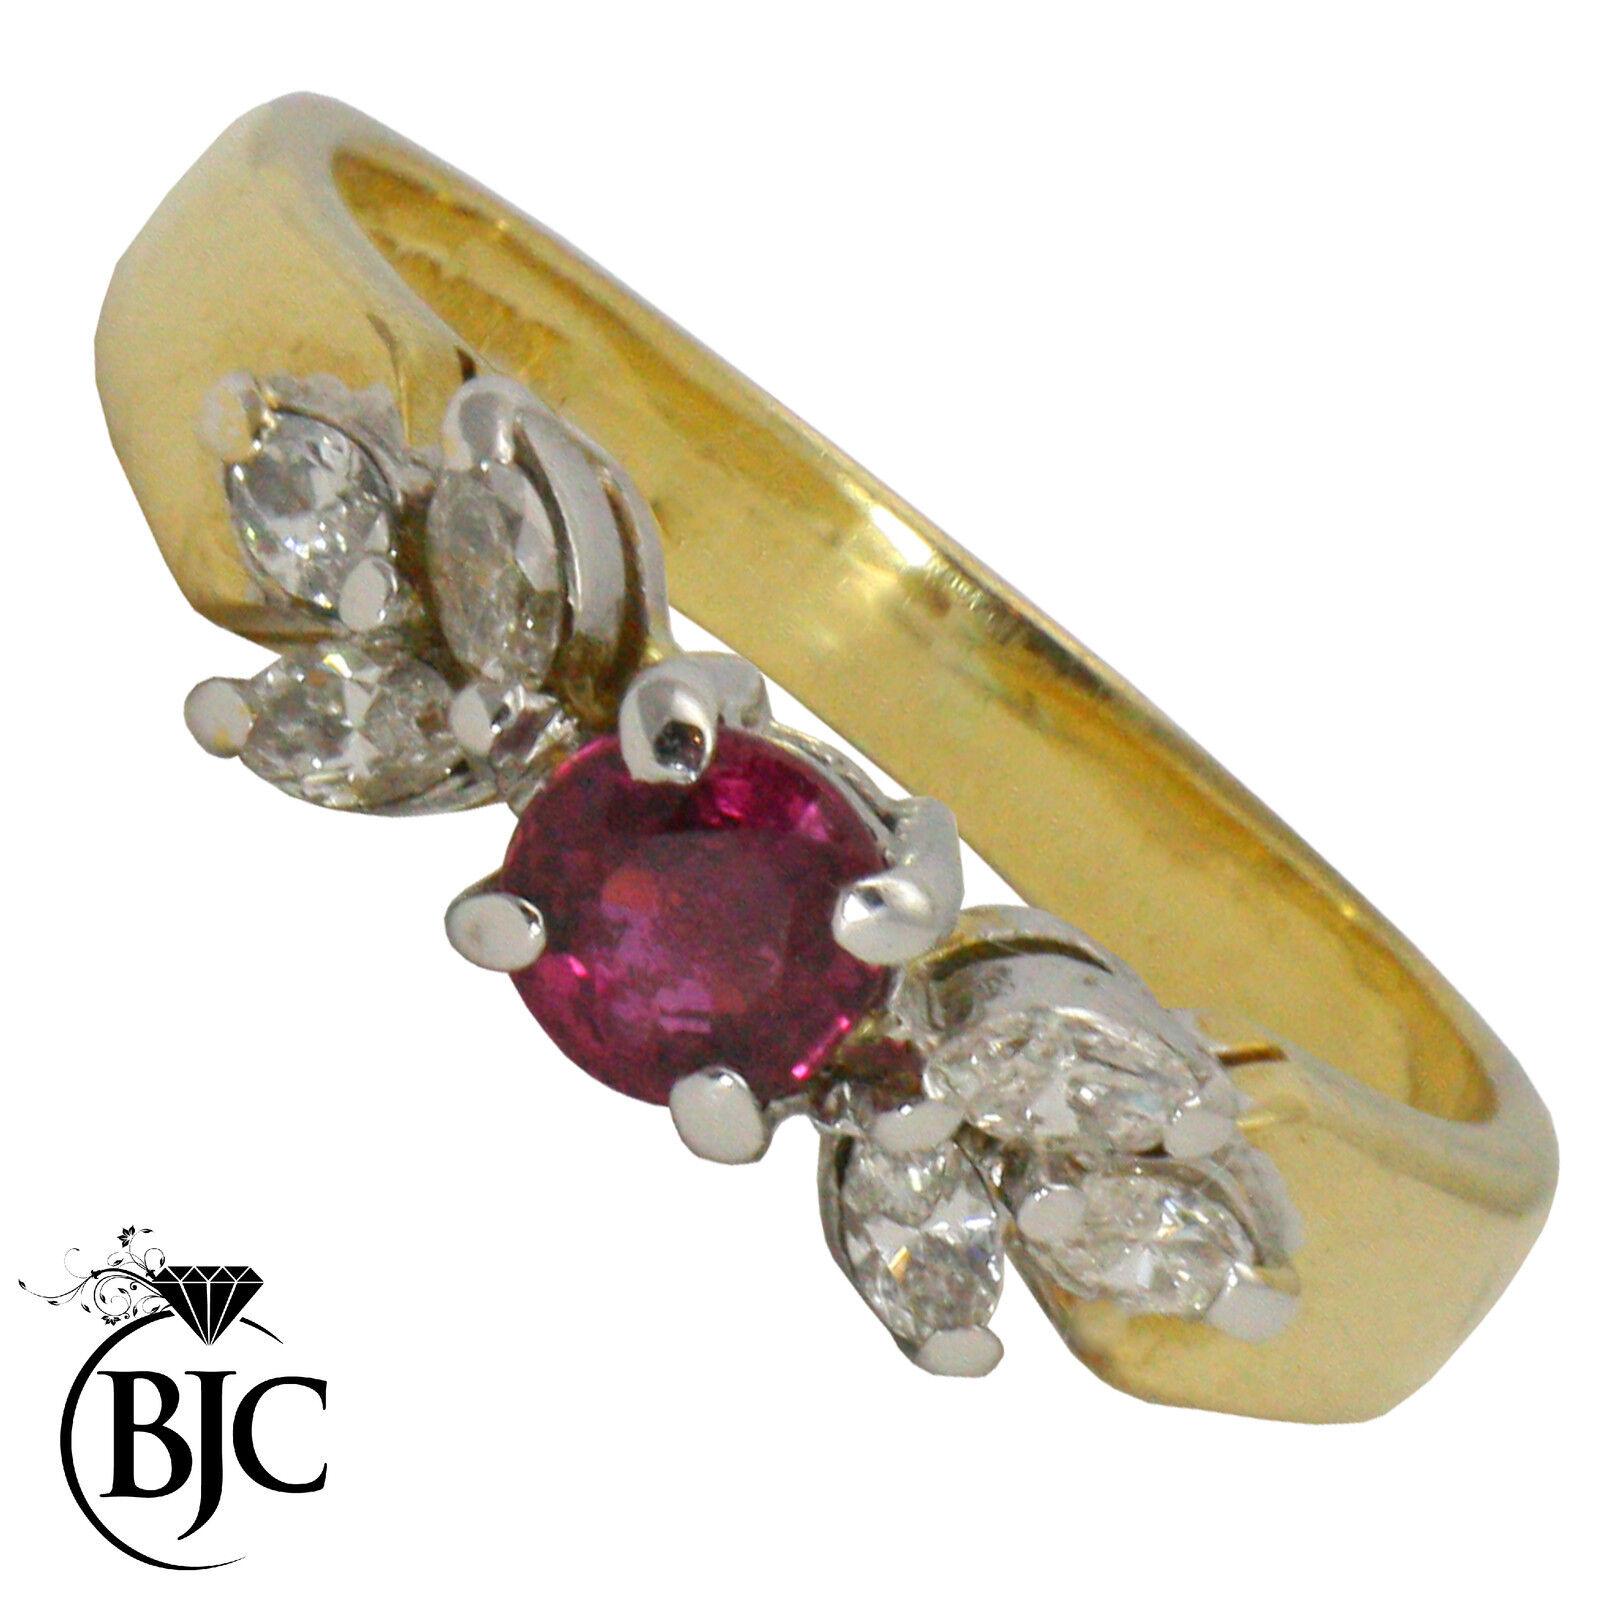 Bjc 18ct gold yellow Rubino e Diamante Solitario Misura J Fidanzamento Abito